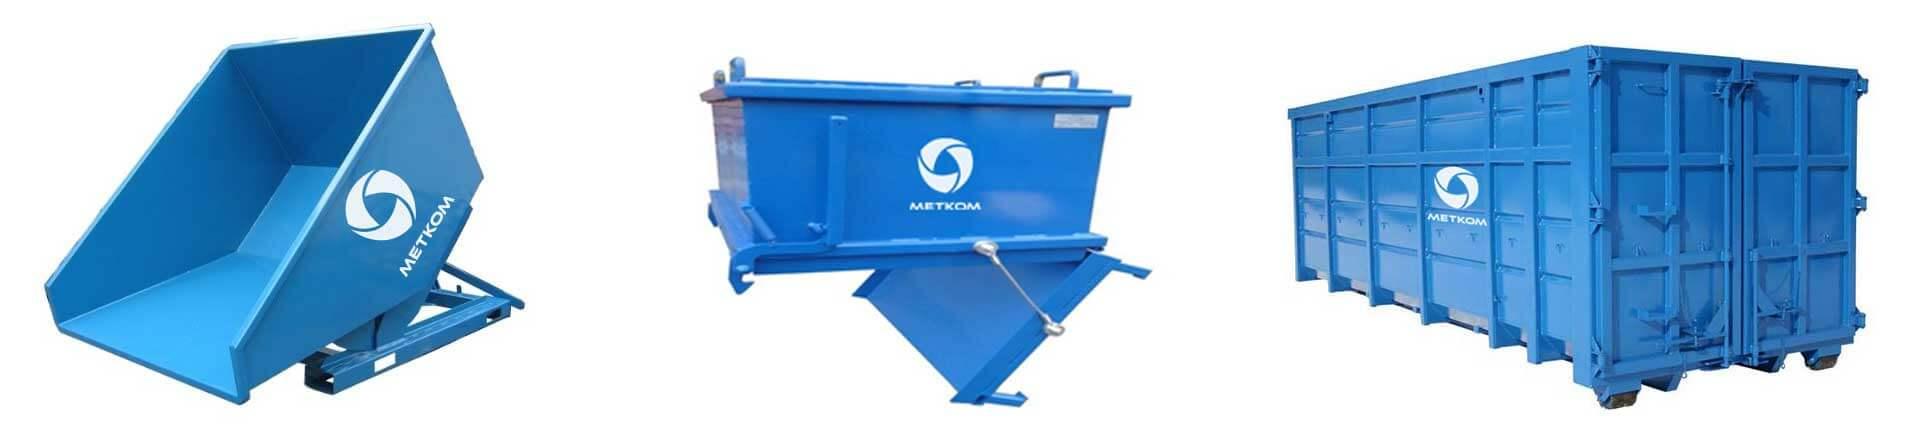 kontrr - Comprehensive Waste Management